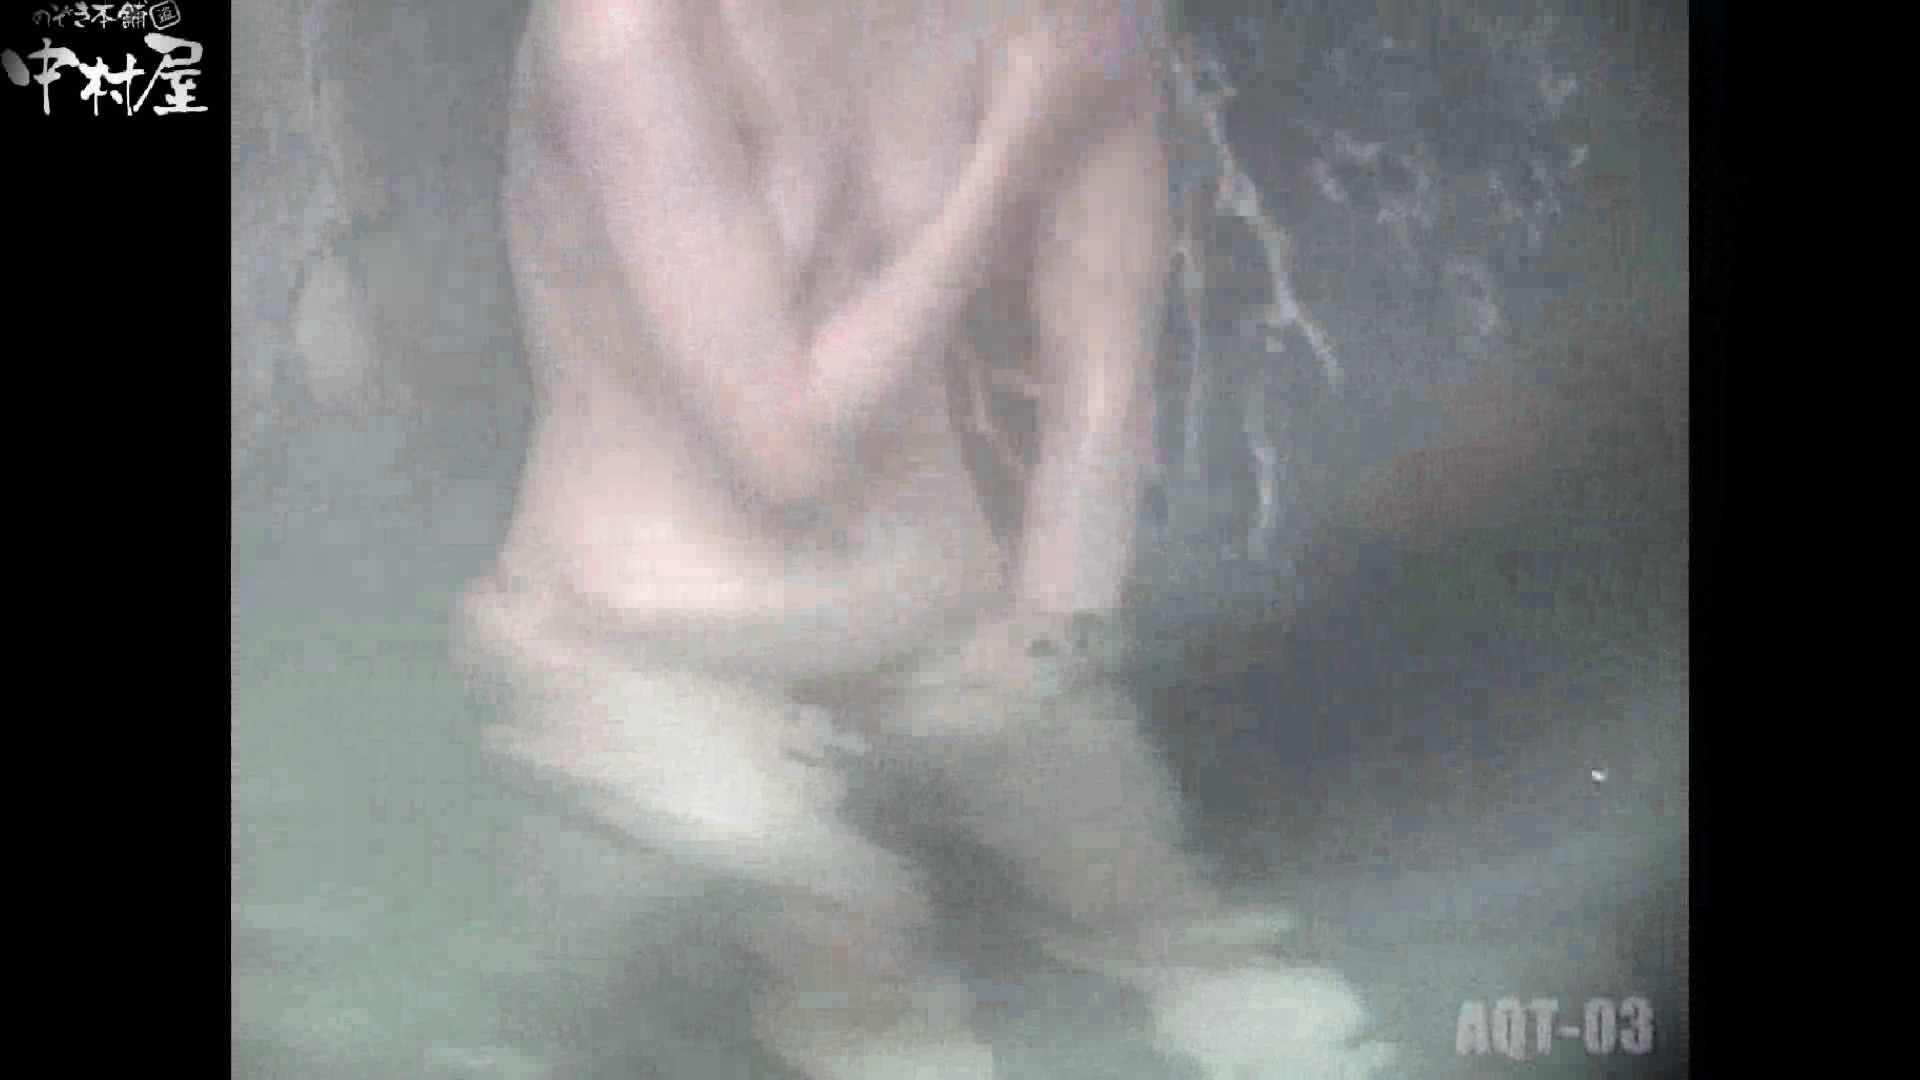 Aquaな露天風呂Vol.867潜入盗撮露天風呂参判湯 其の六 盗撮師作品  89pic 84